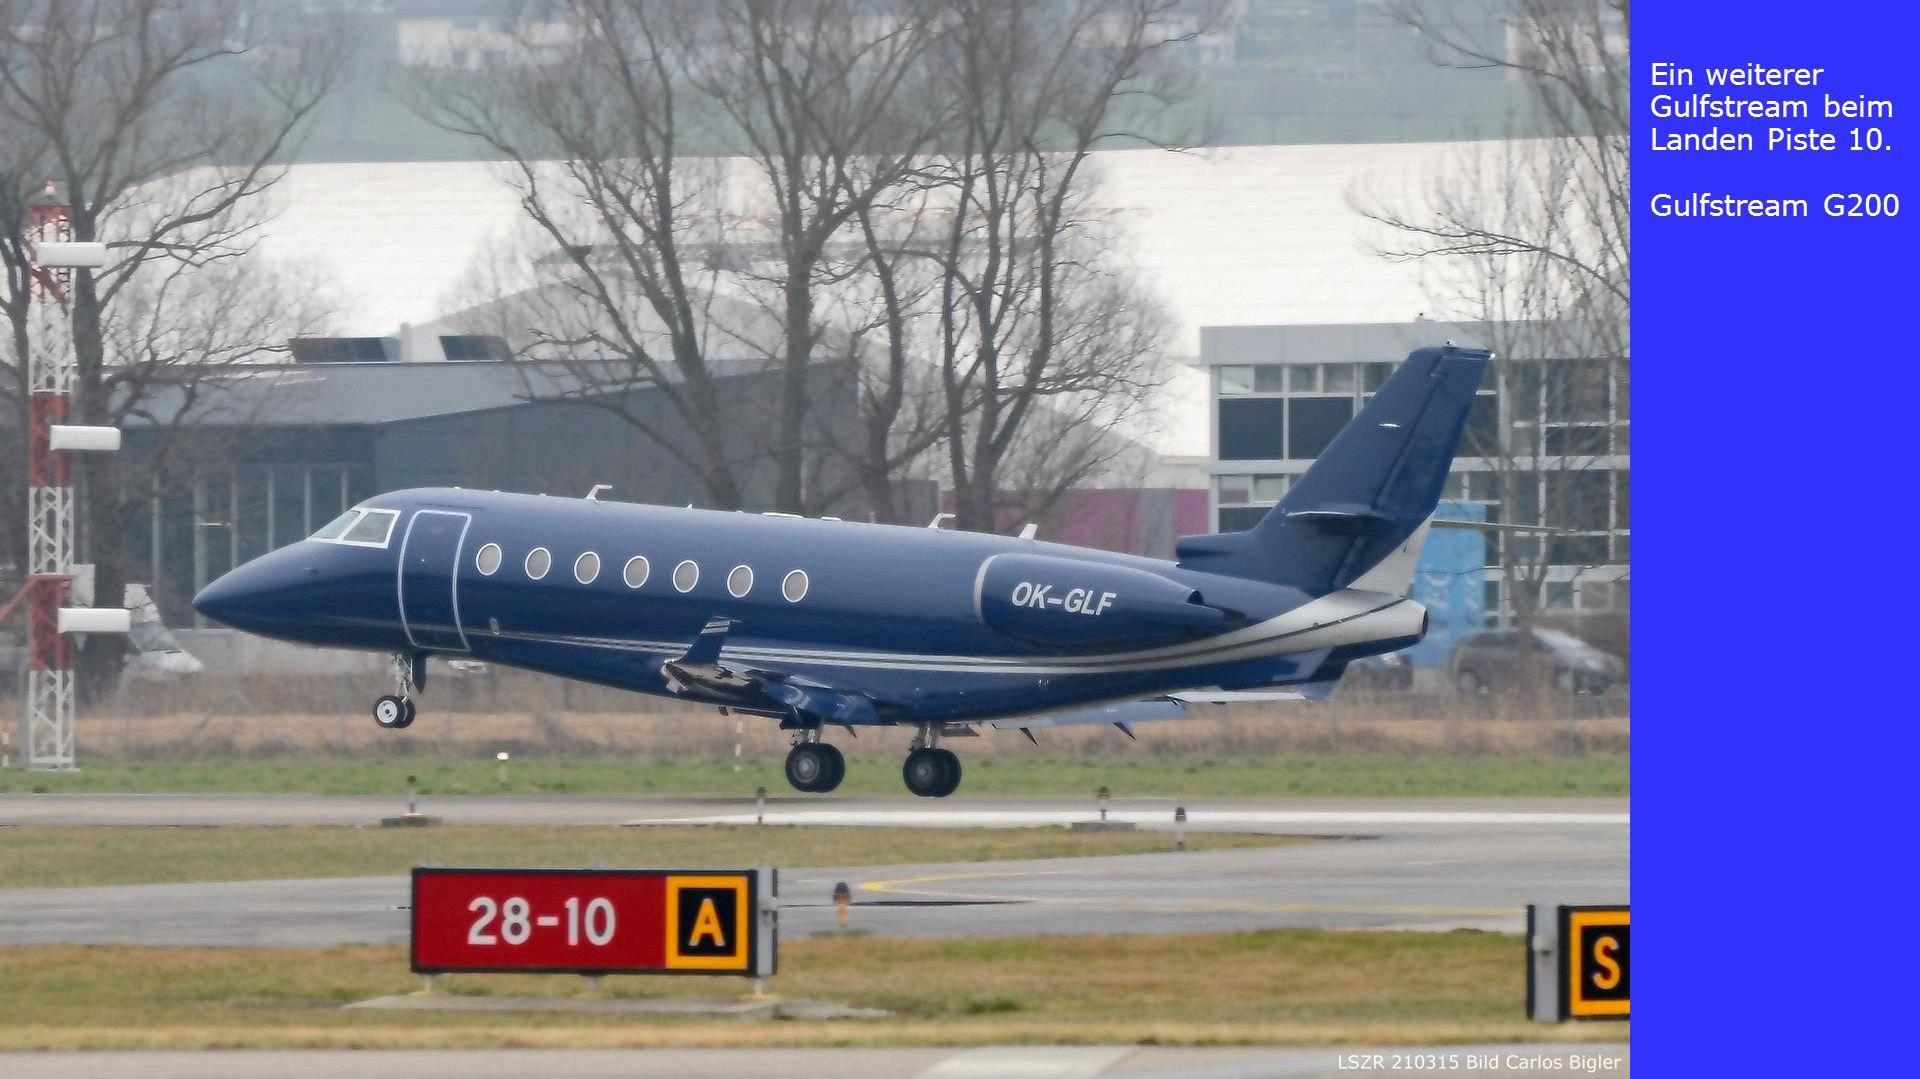 Ein weiterer Gulfstream beim Landen Piste 10.